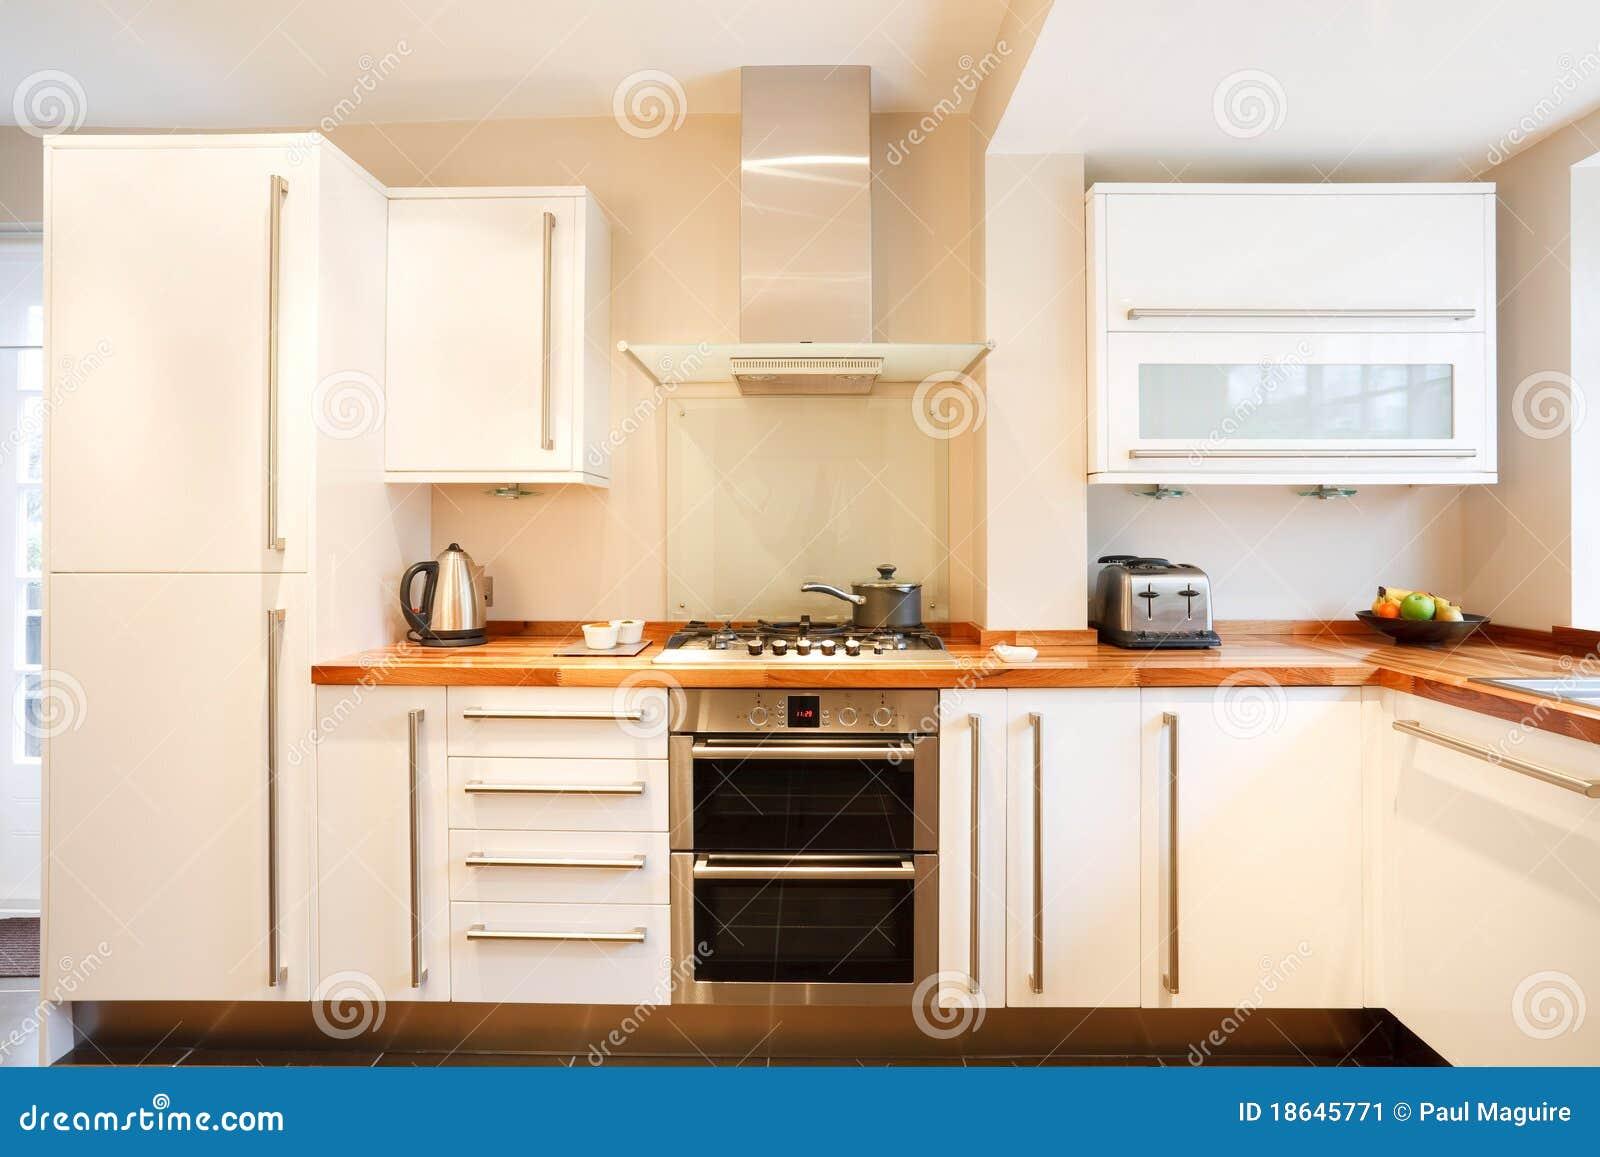 Cozinha moderna imagem de stock imagem 18645771 for Moderna cuisine